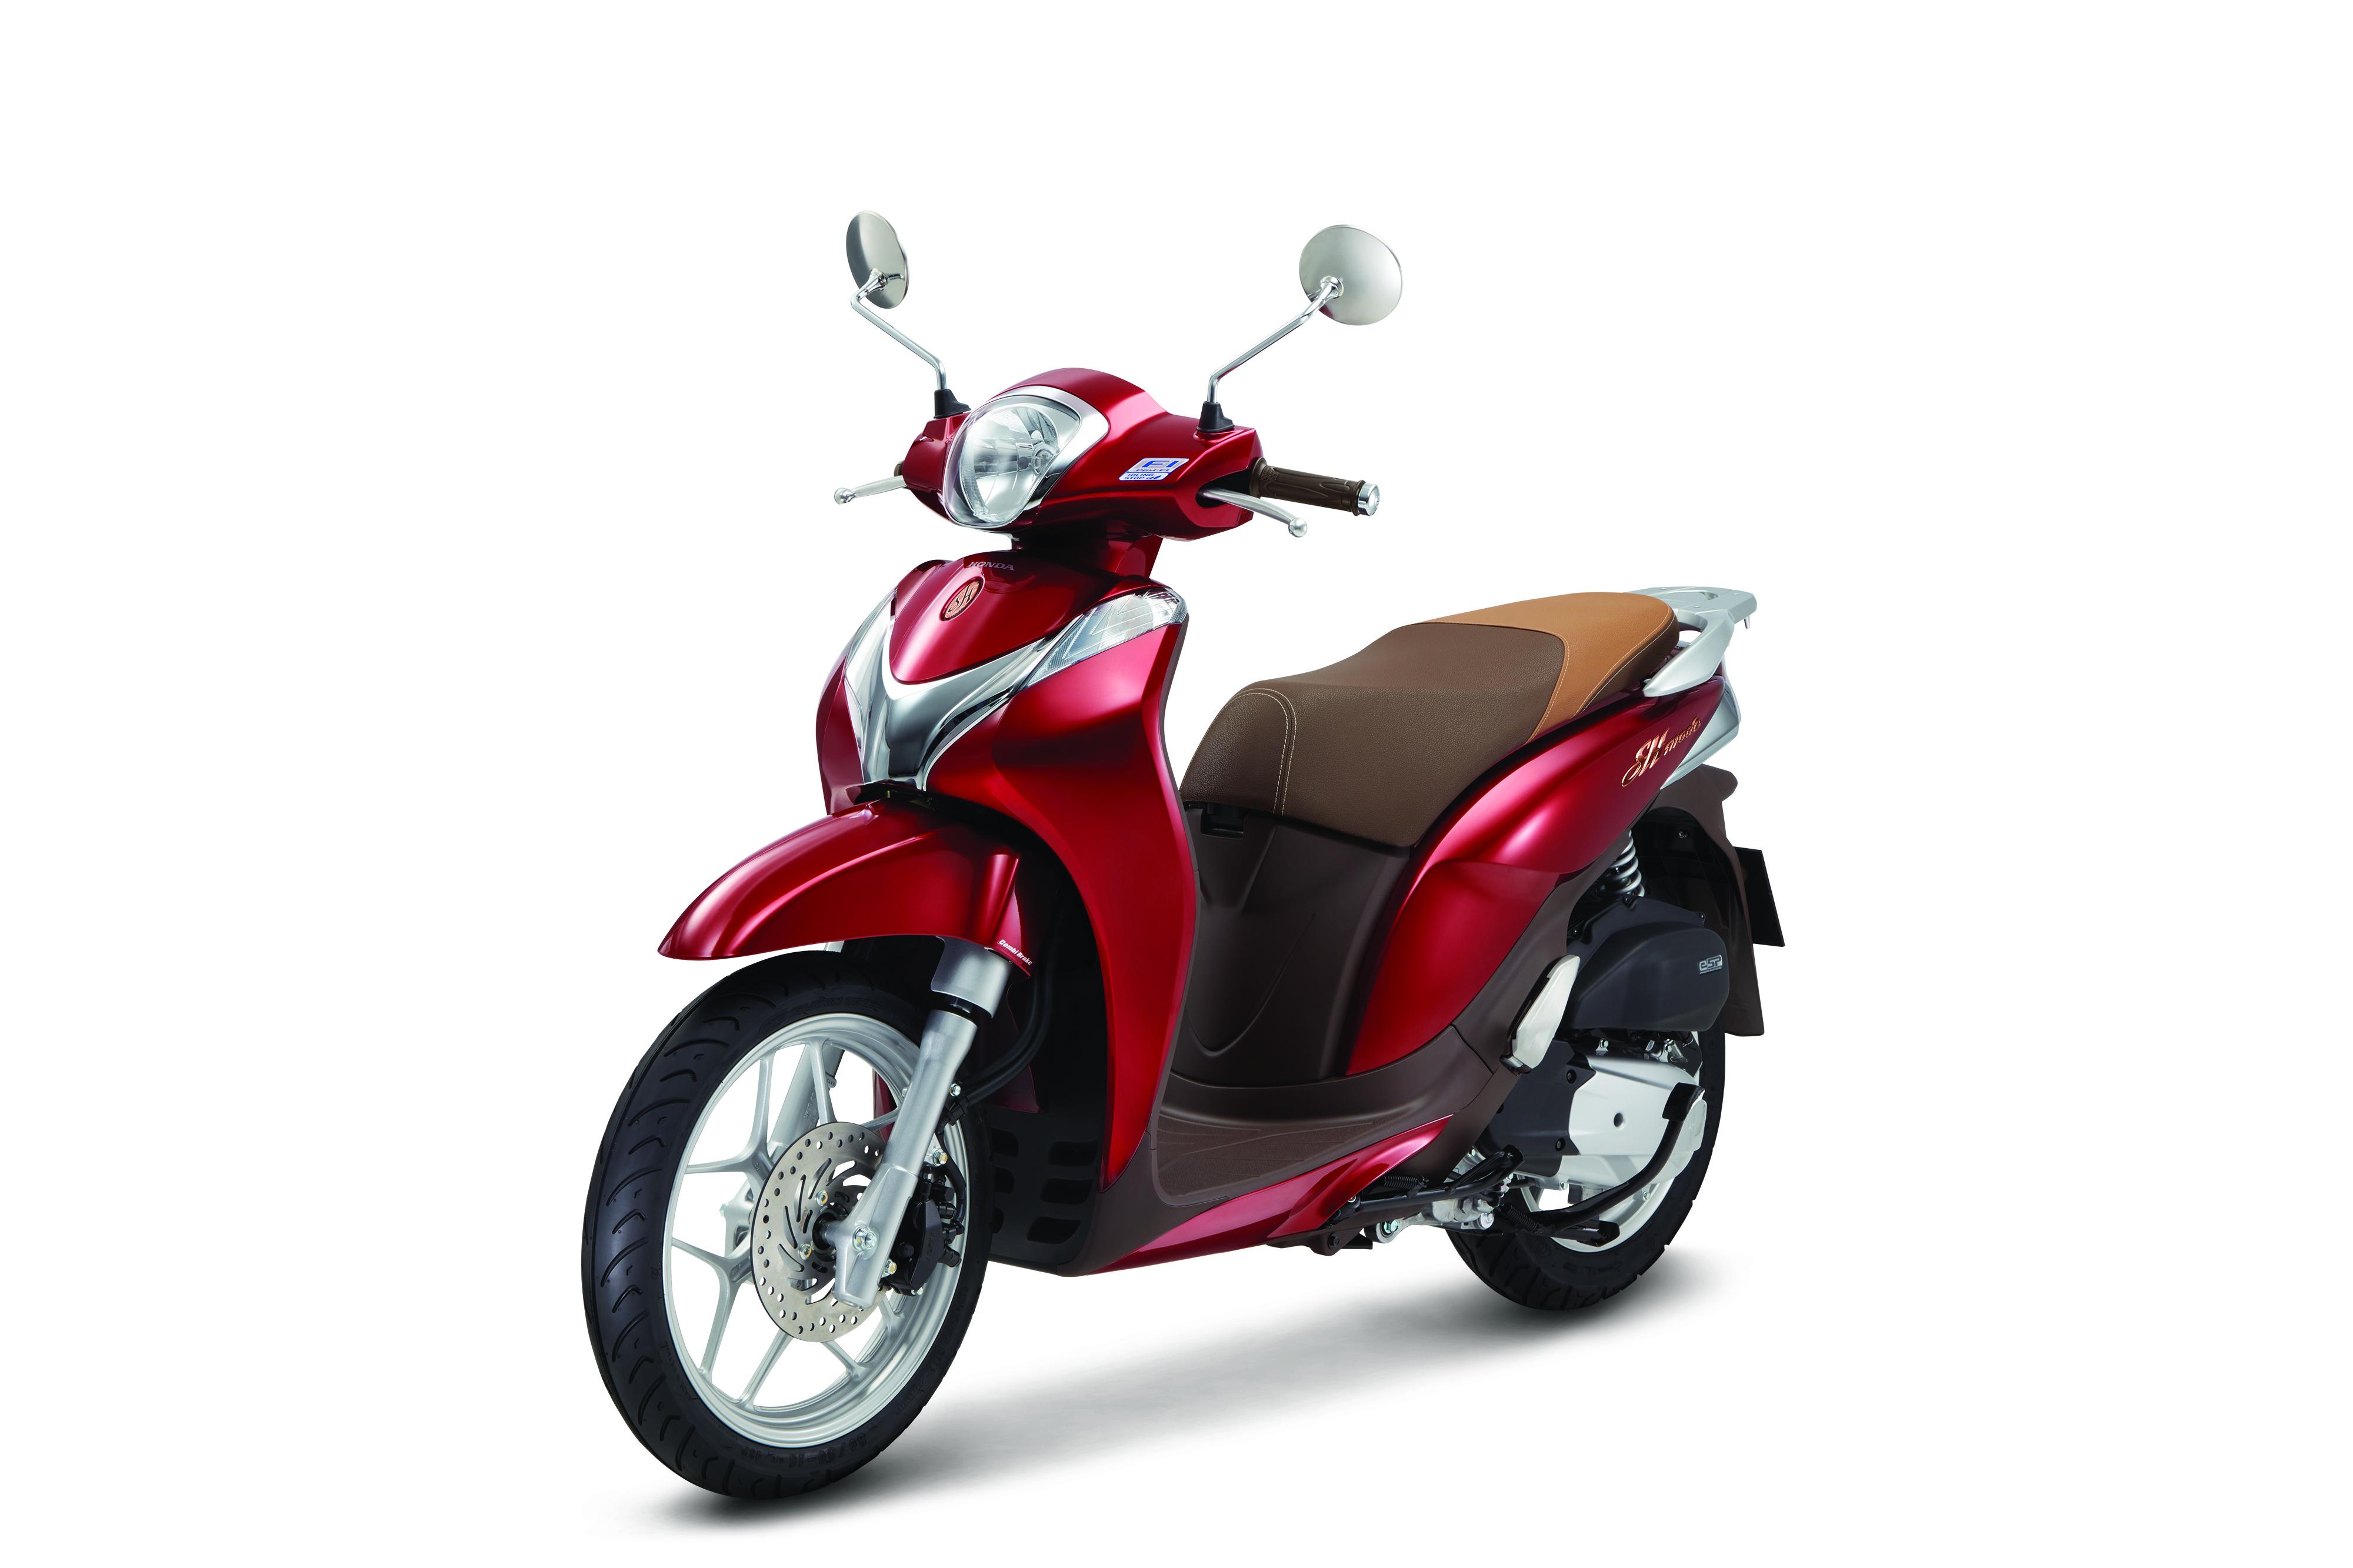 Honda Thêm Màu Mới Cá Tính Hơn Cho Sh Mode Tạp Chí đẹp